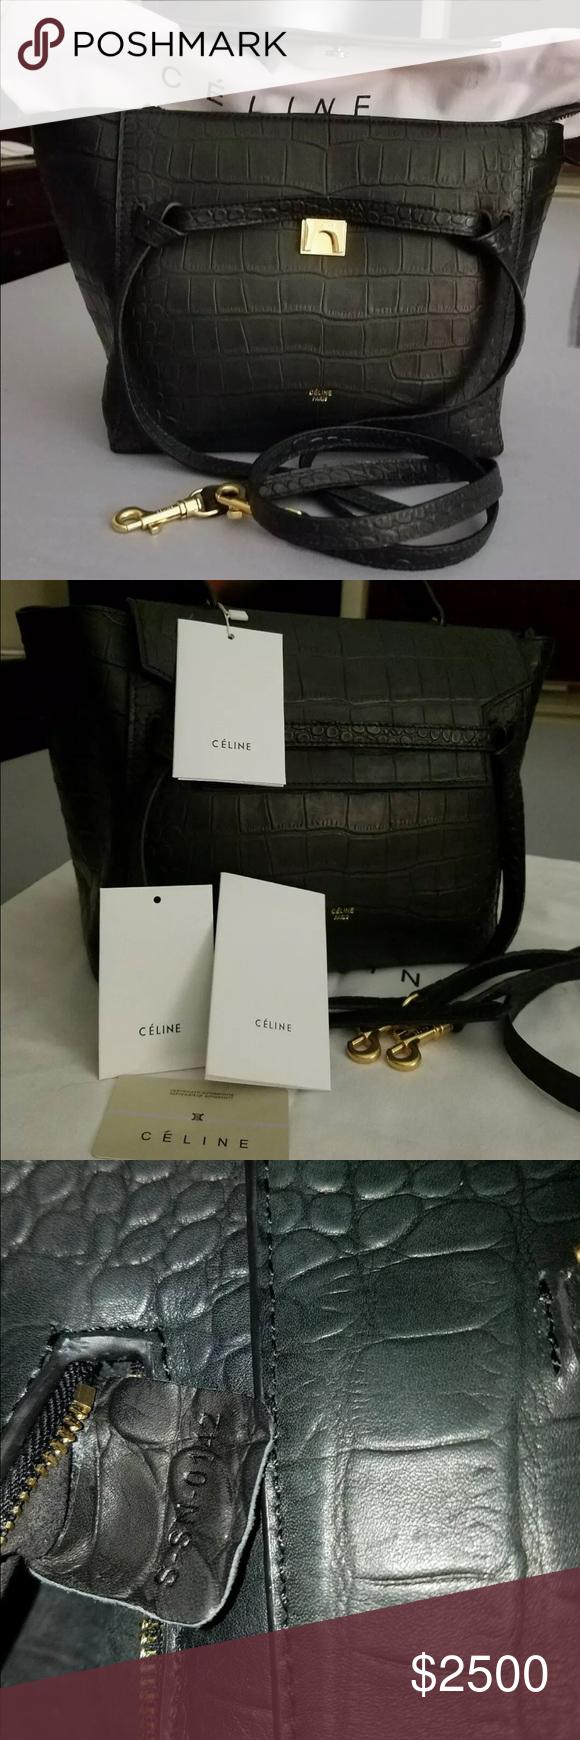 ab3696e9cbc CELINE Belt Bag Brand new CELINE Belt Bag Brand new gorgeous black embossed  leather. Brand